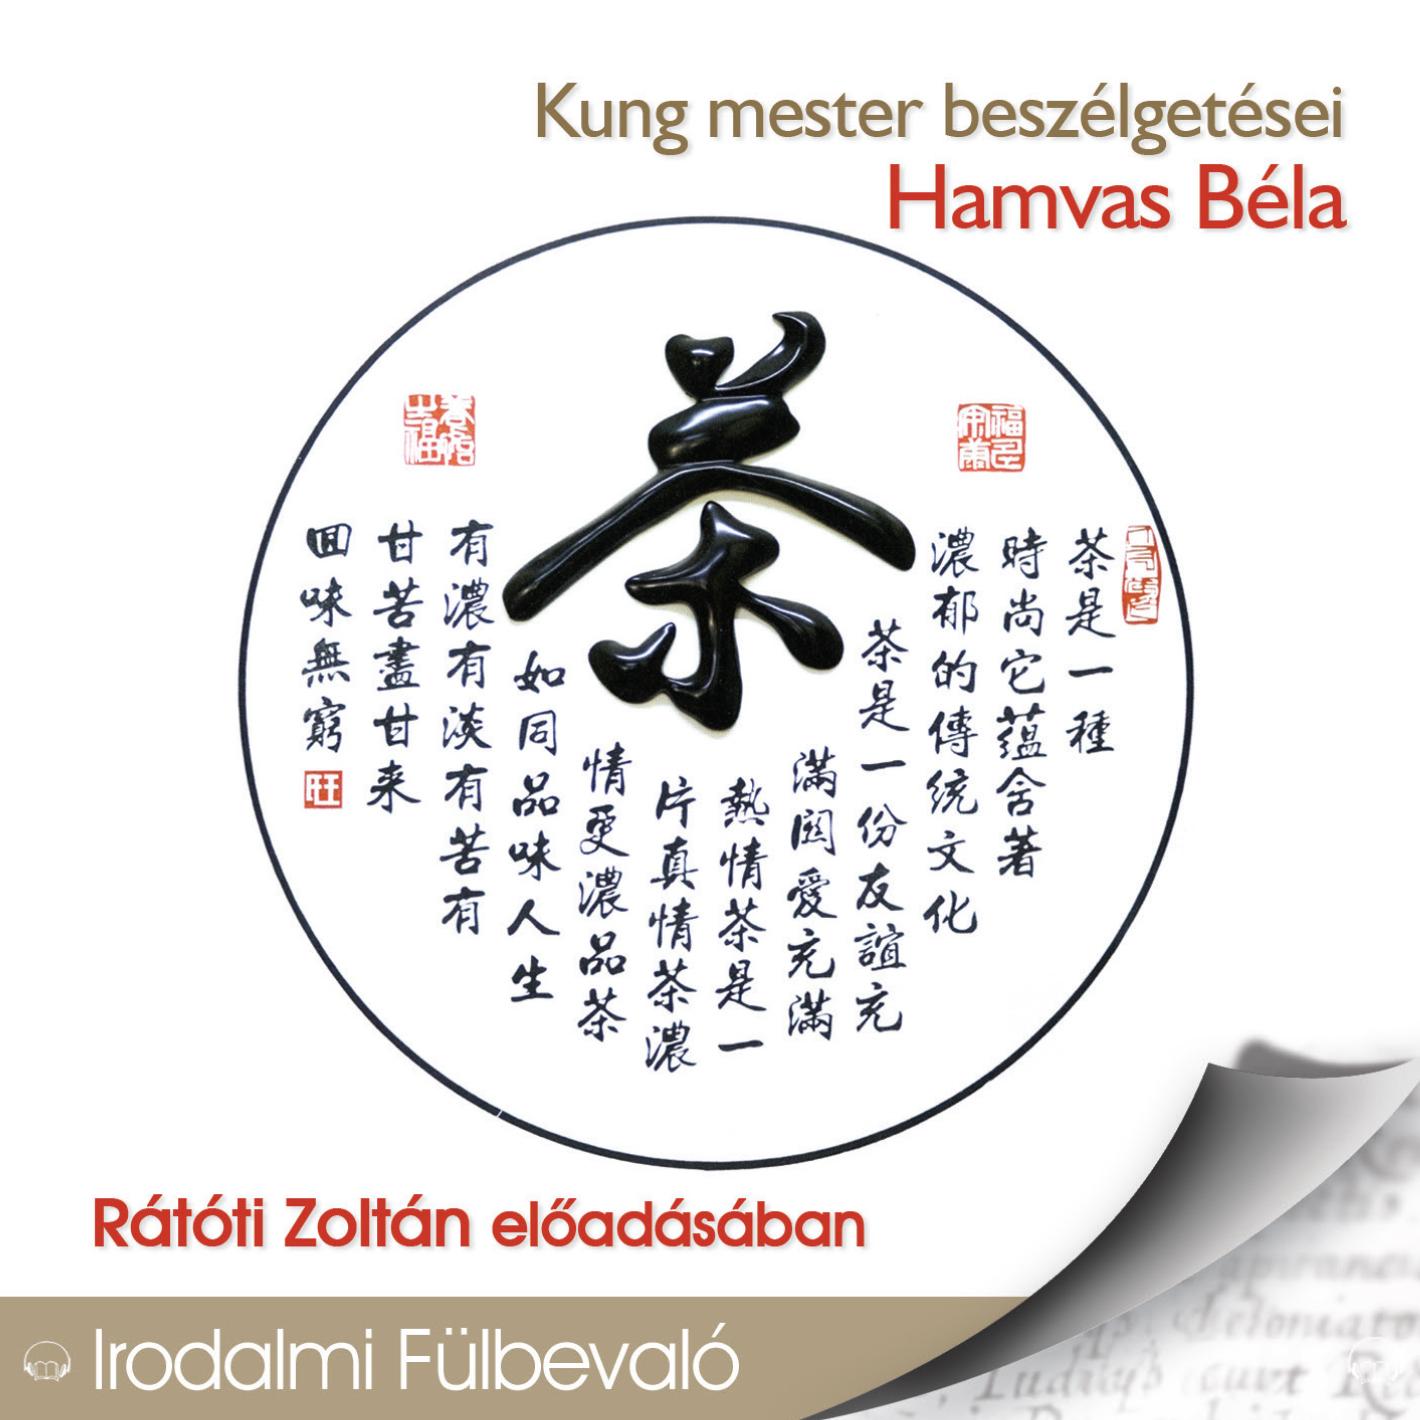 Hamvas Béla - Kung mester beszélgetései - Hangoskönyv